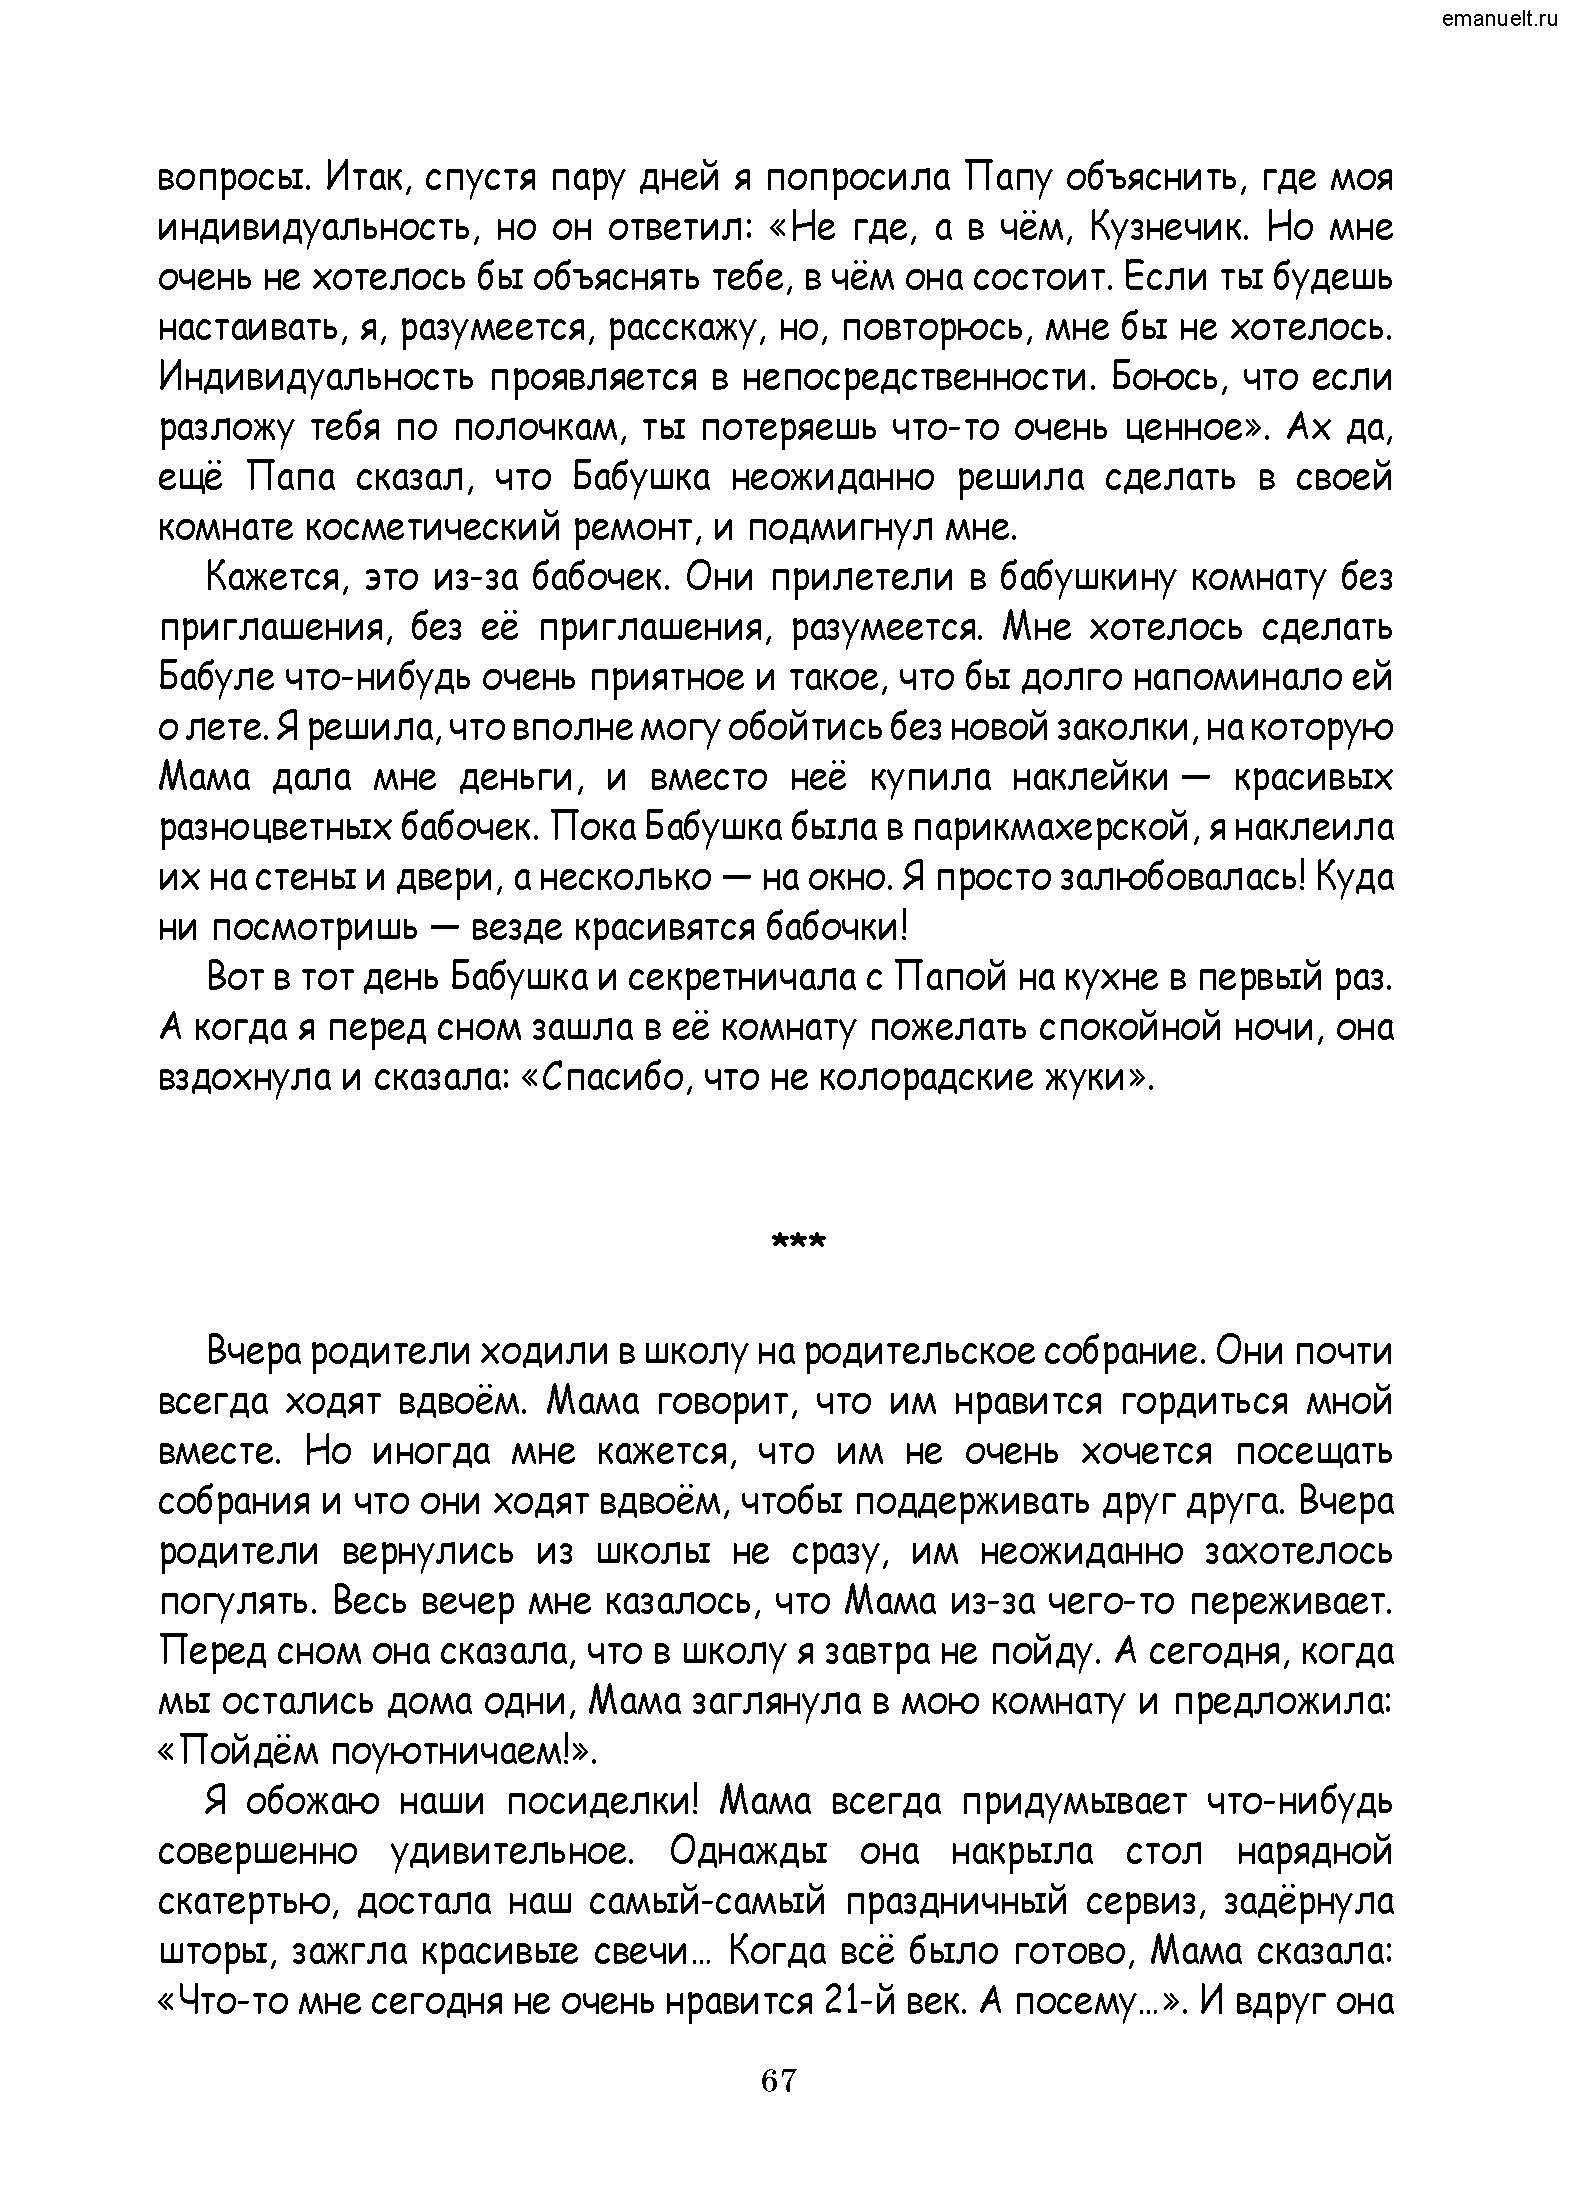 Рассказки в заданиях. emanuelt.ru_Страница_068